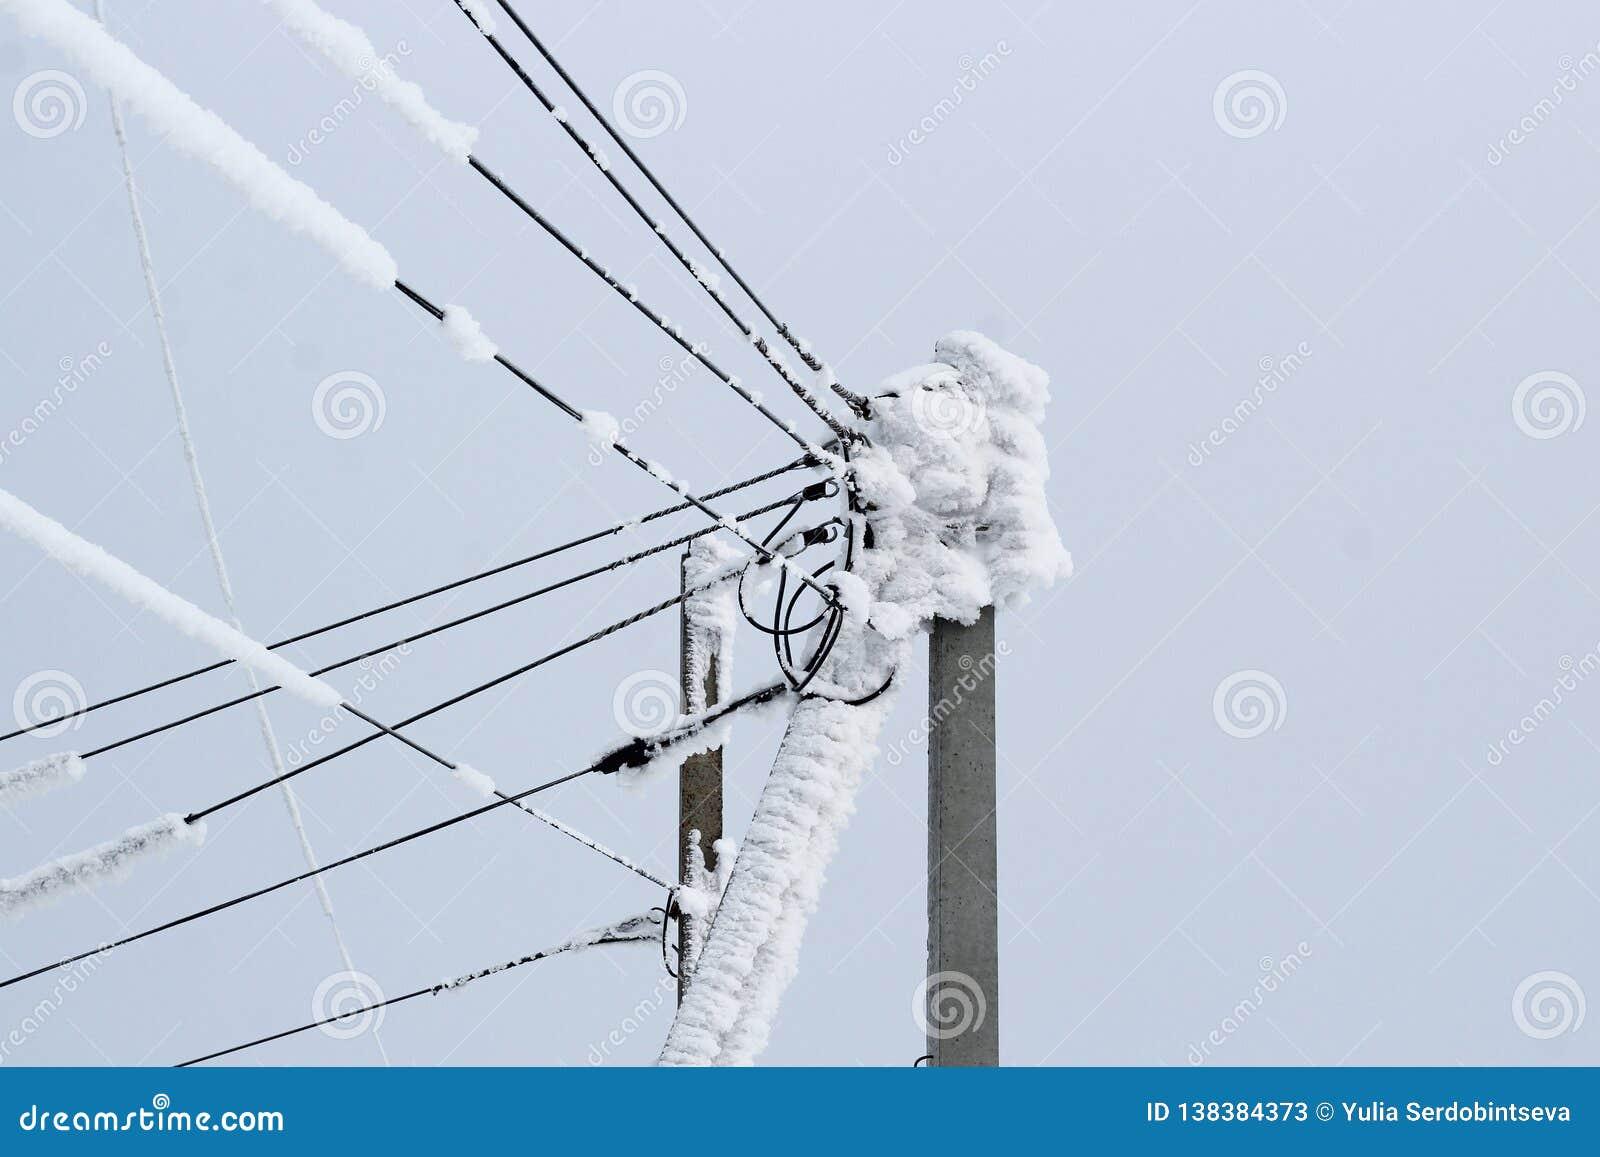 Linha elétrica em um polo de muitos fios cobertos com uma camada grossa de neve